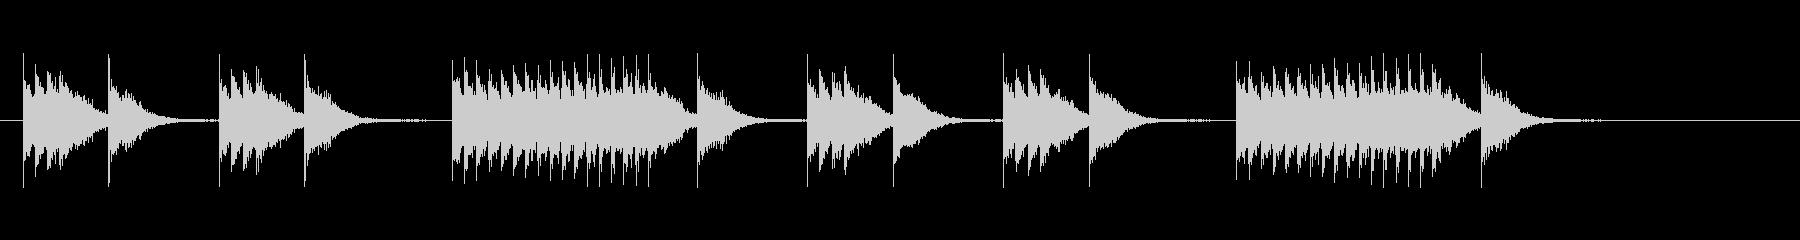 マーチングバンドのスネアリズム2の未再生の波形